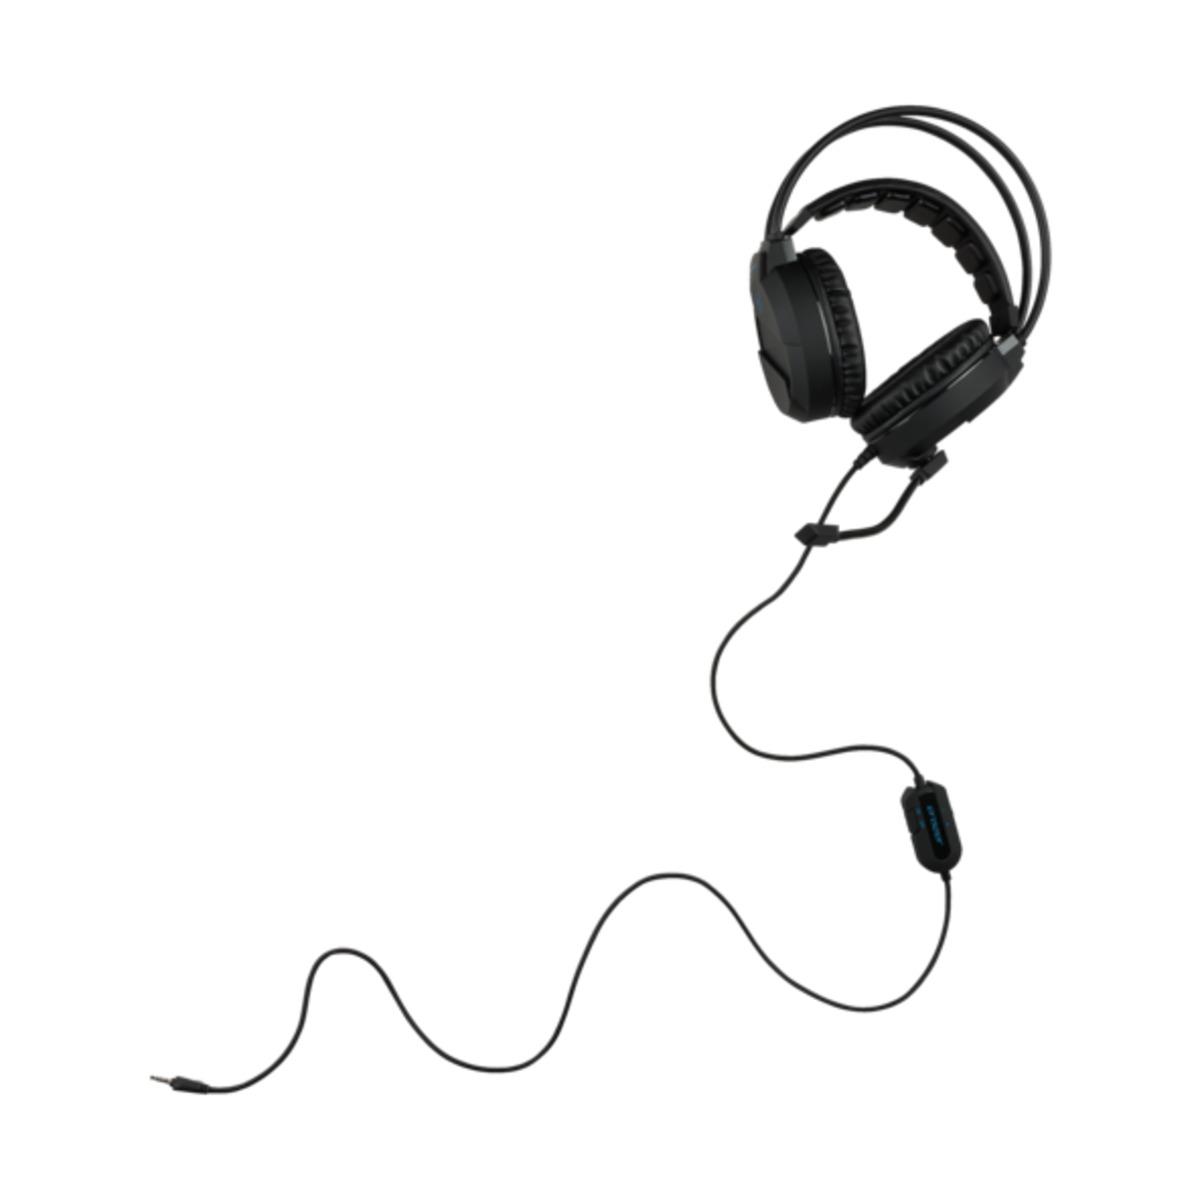 Bild 3 von 2.0 Stereo Gaming Headset MEDION ERAZER X83009